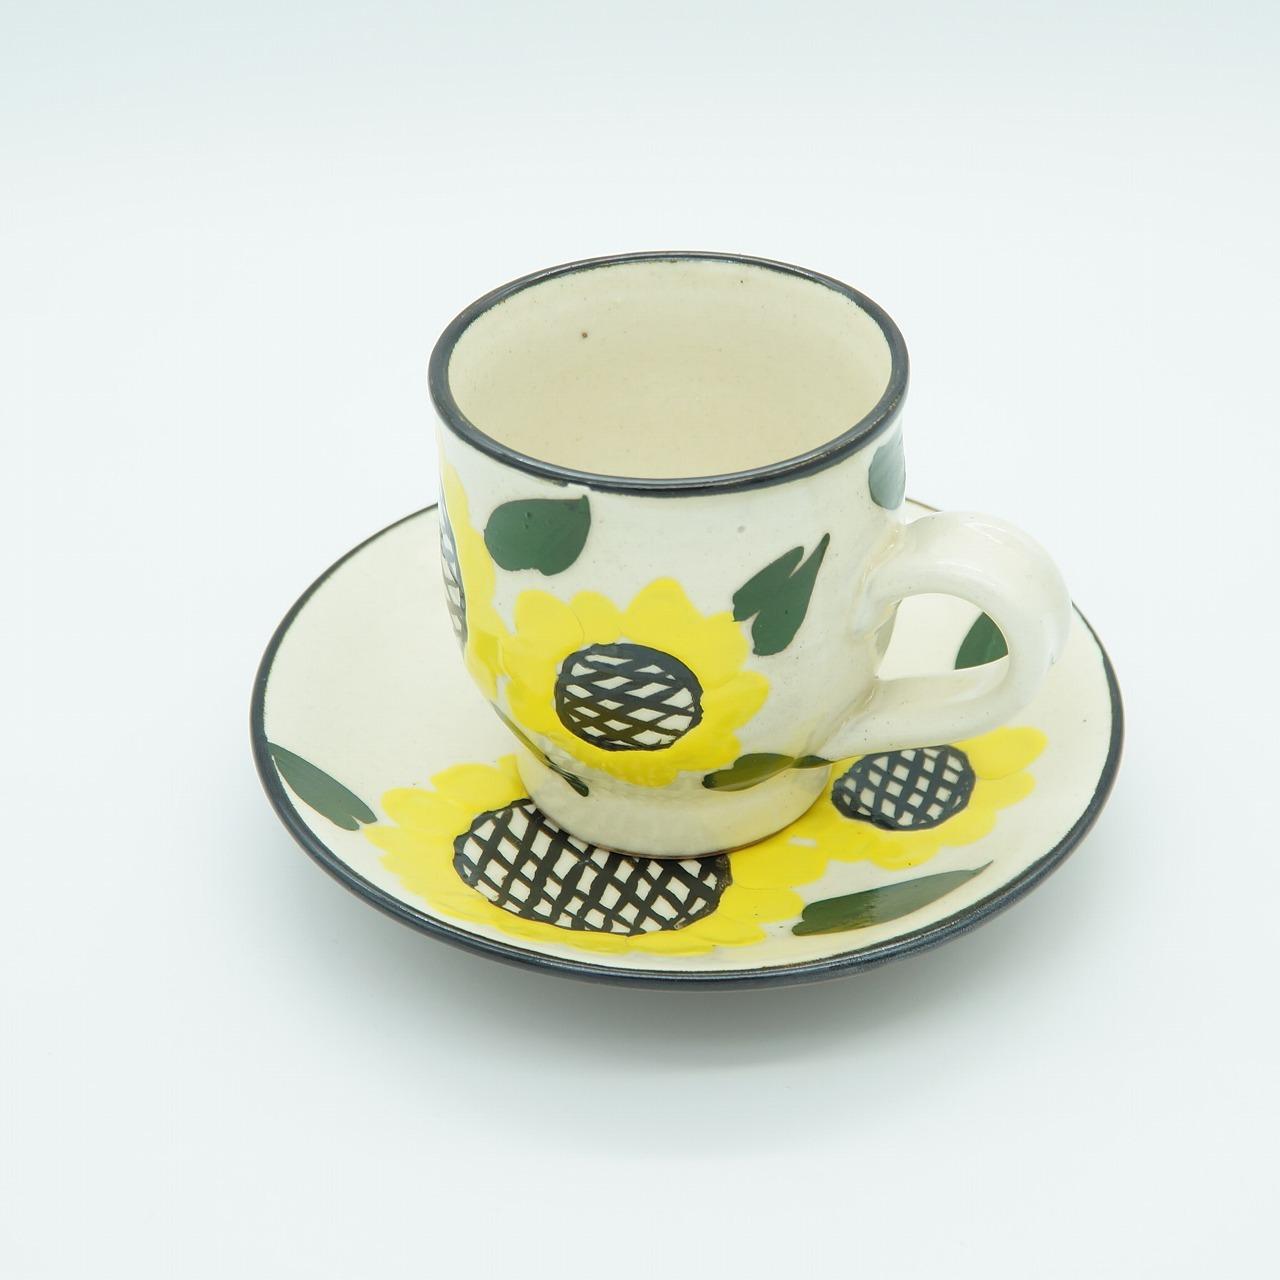 ひまわりコーヒーカップ【玉城焼】